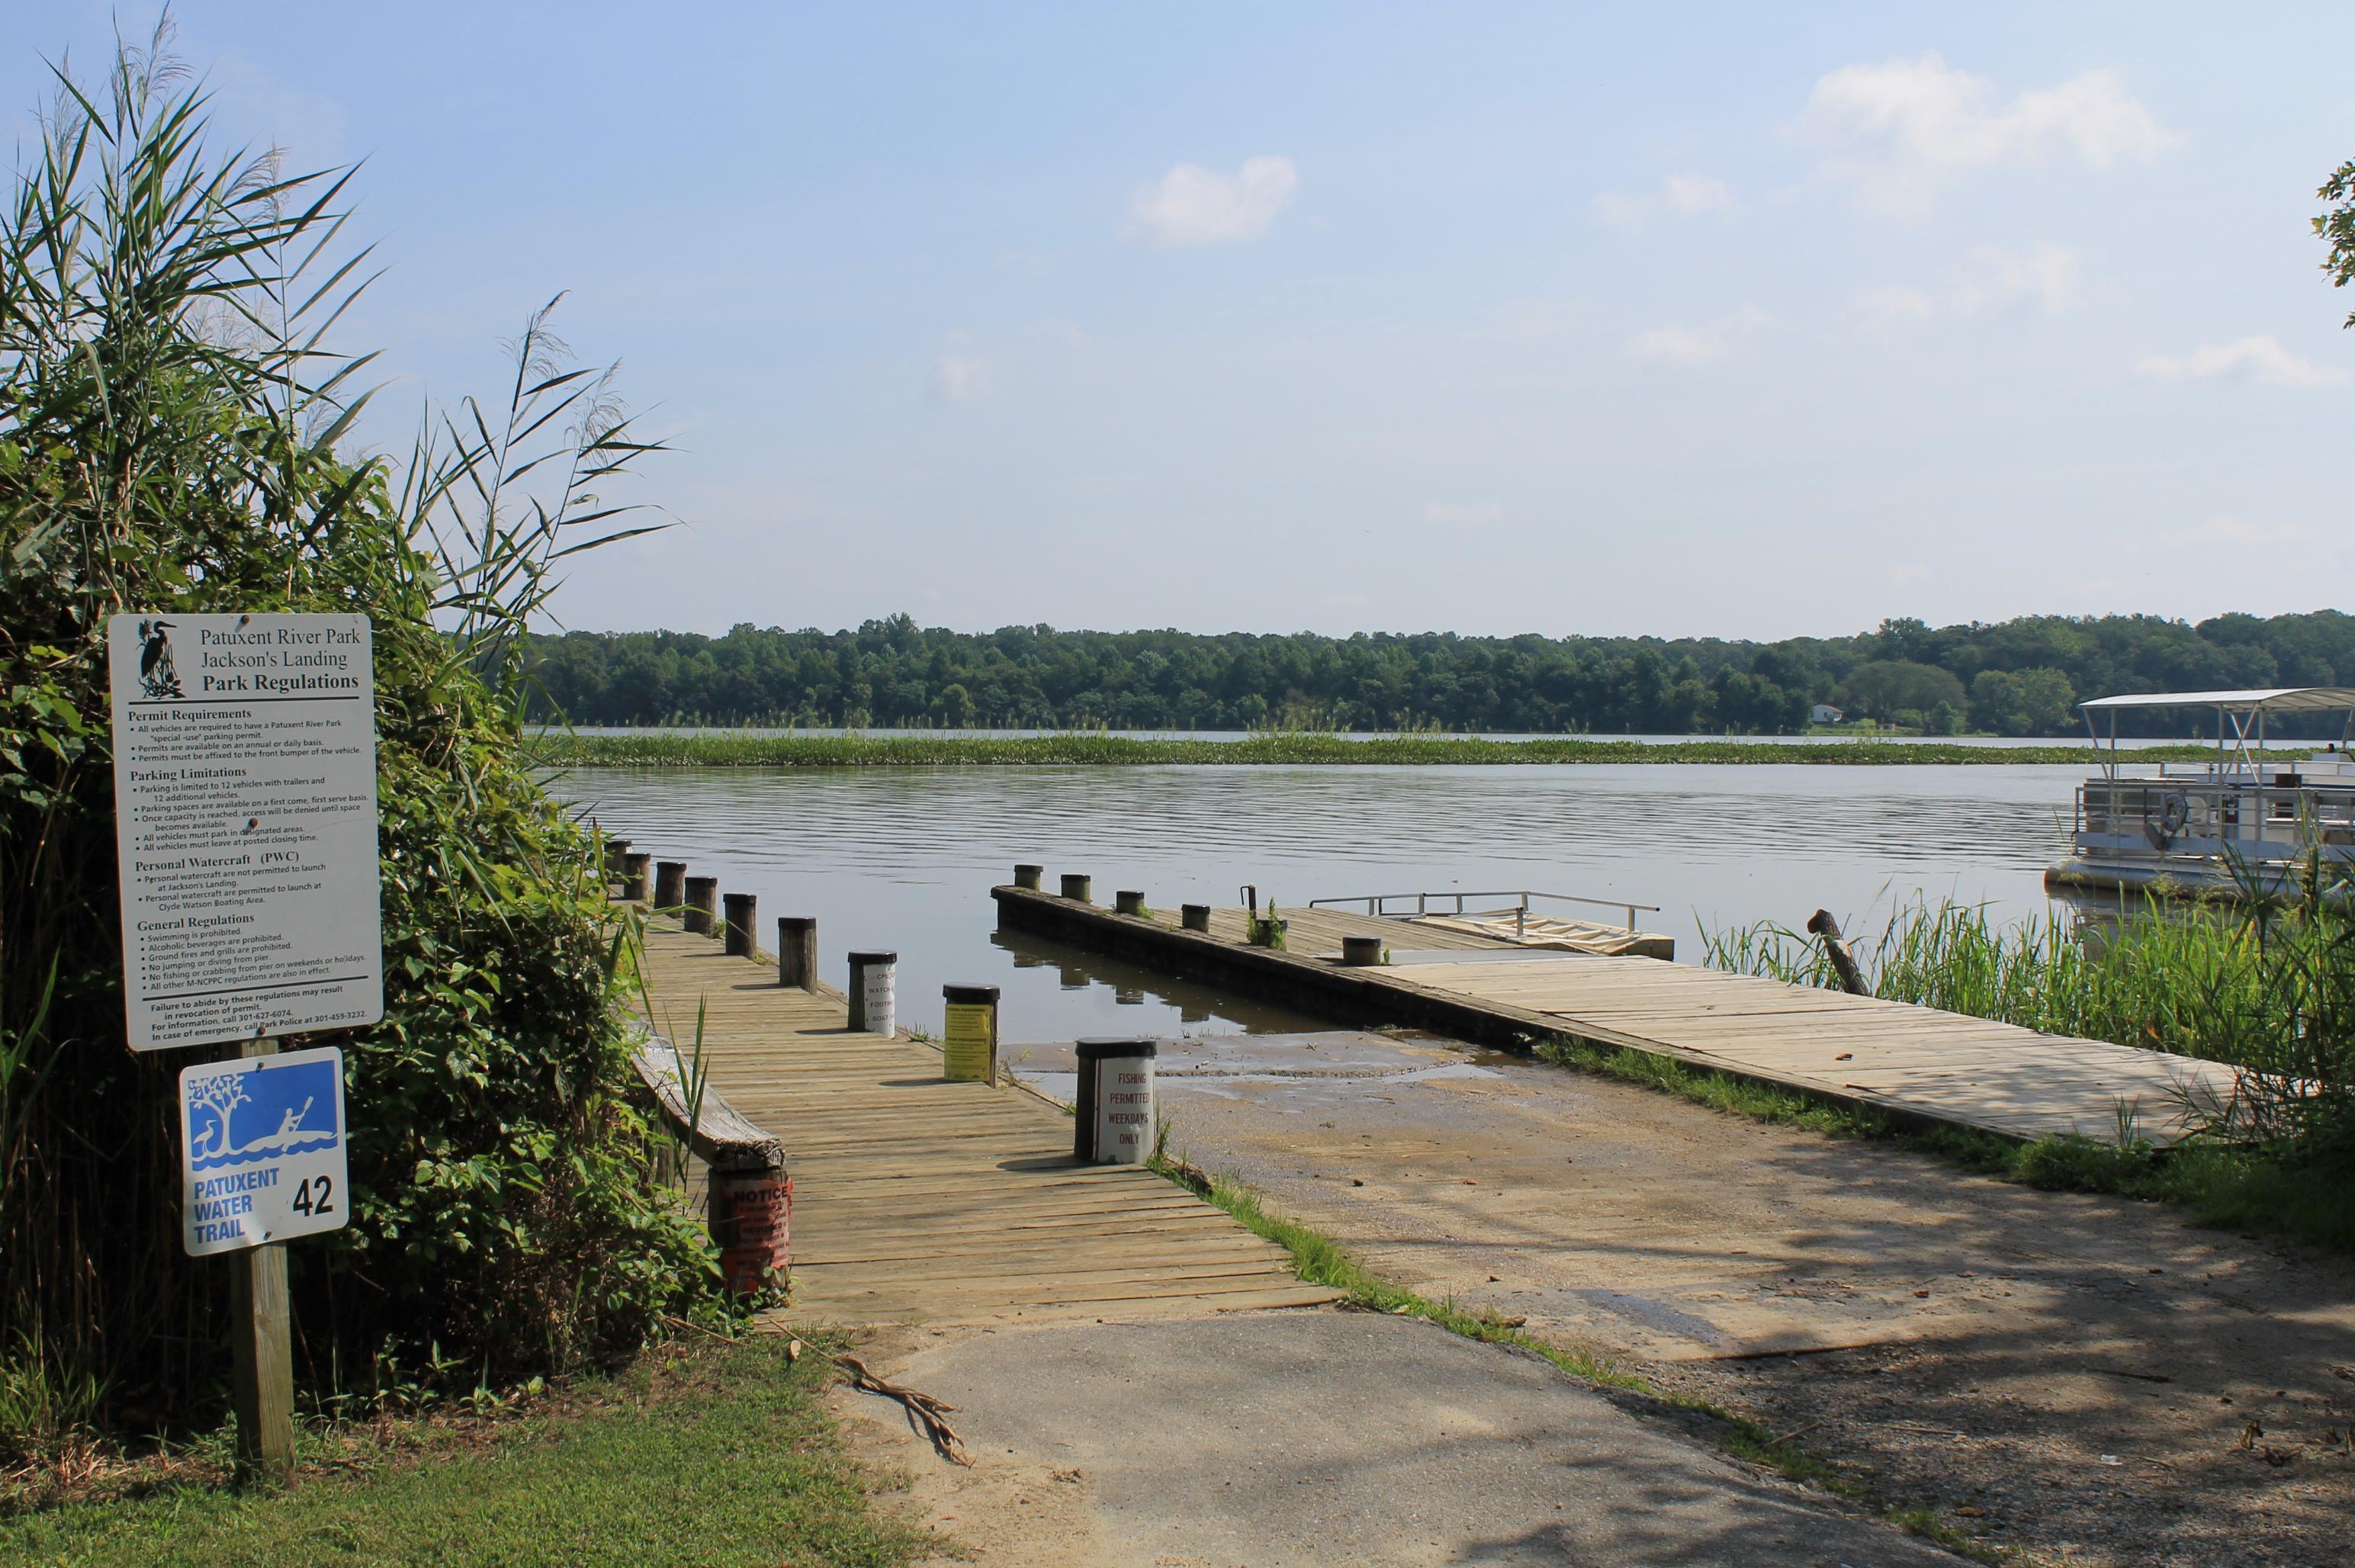 Patuxent River Park